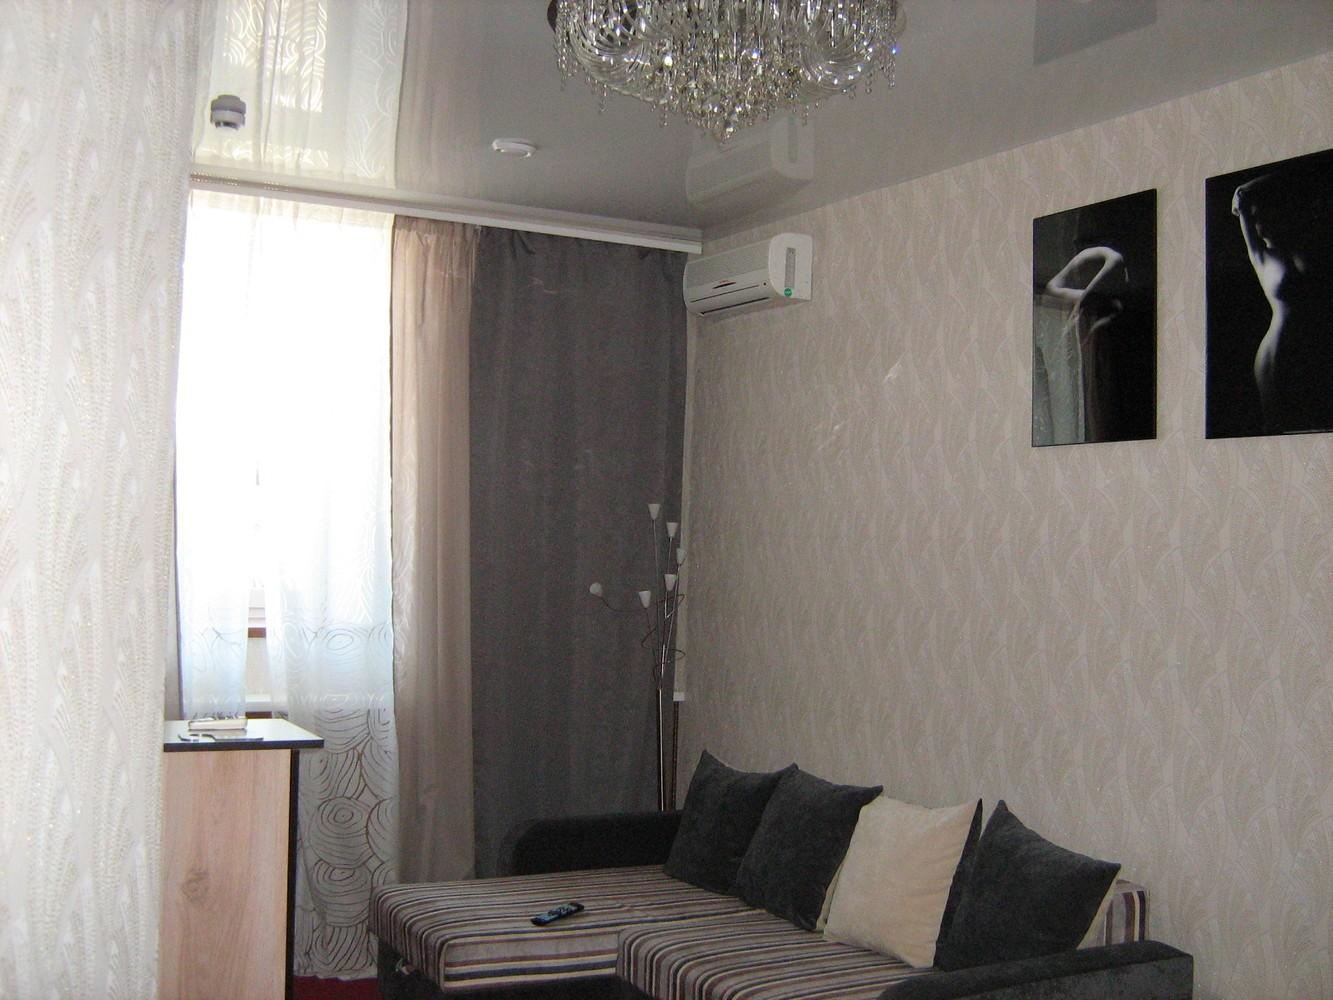 Сфера, гостиничный комплекс - №23